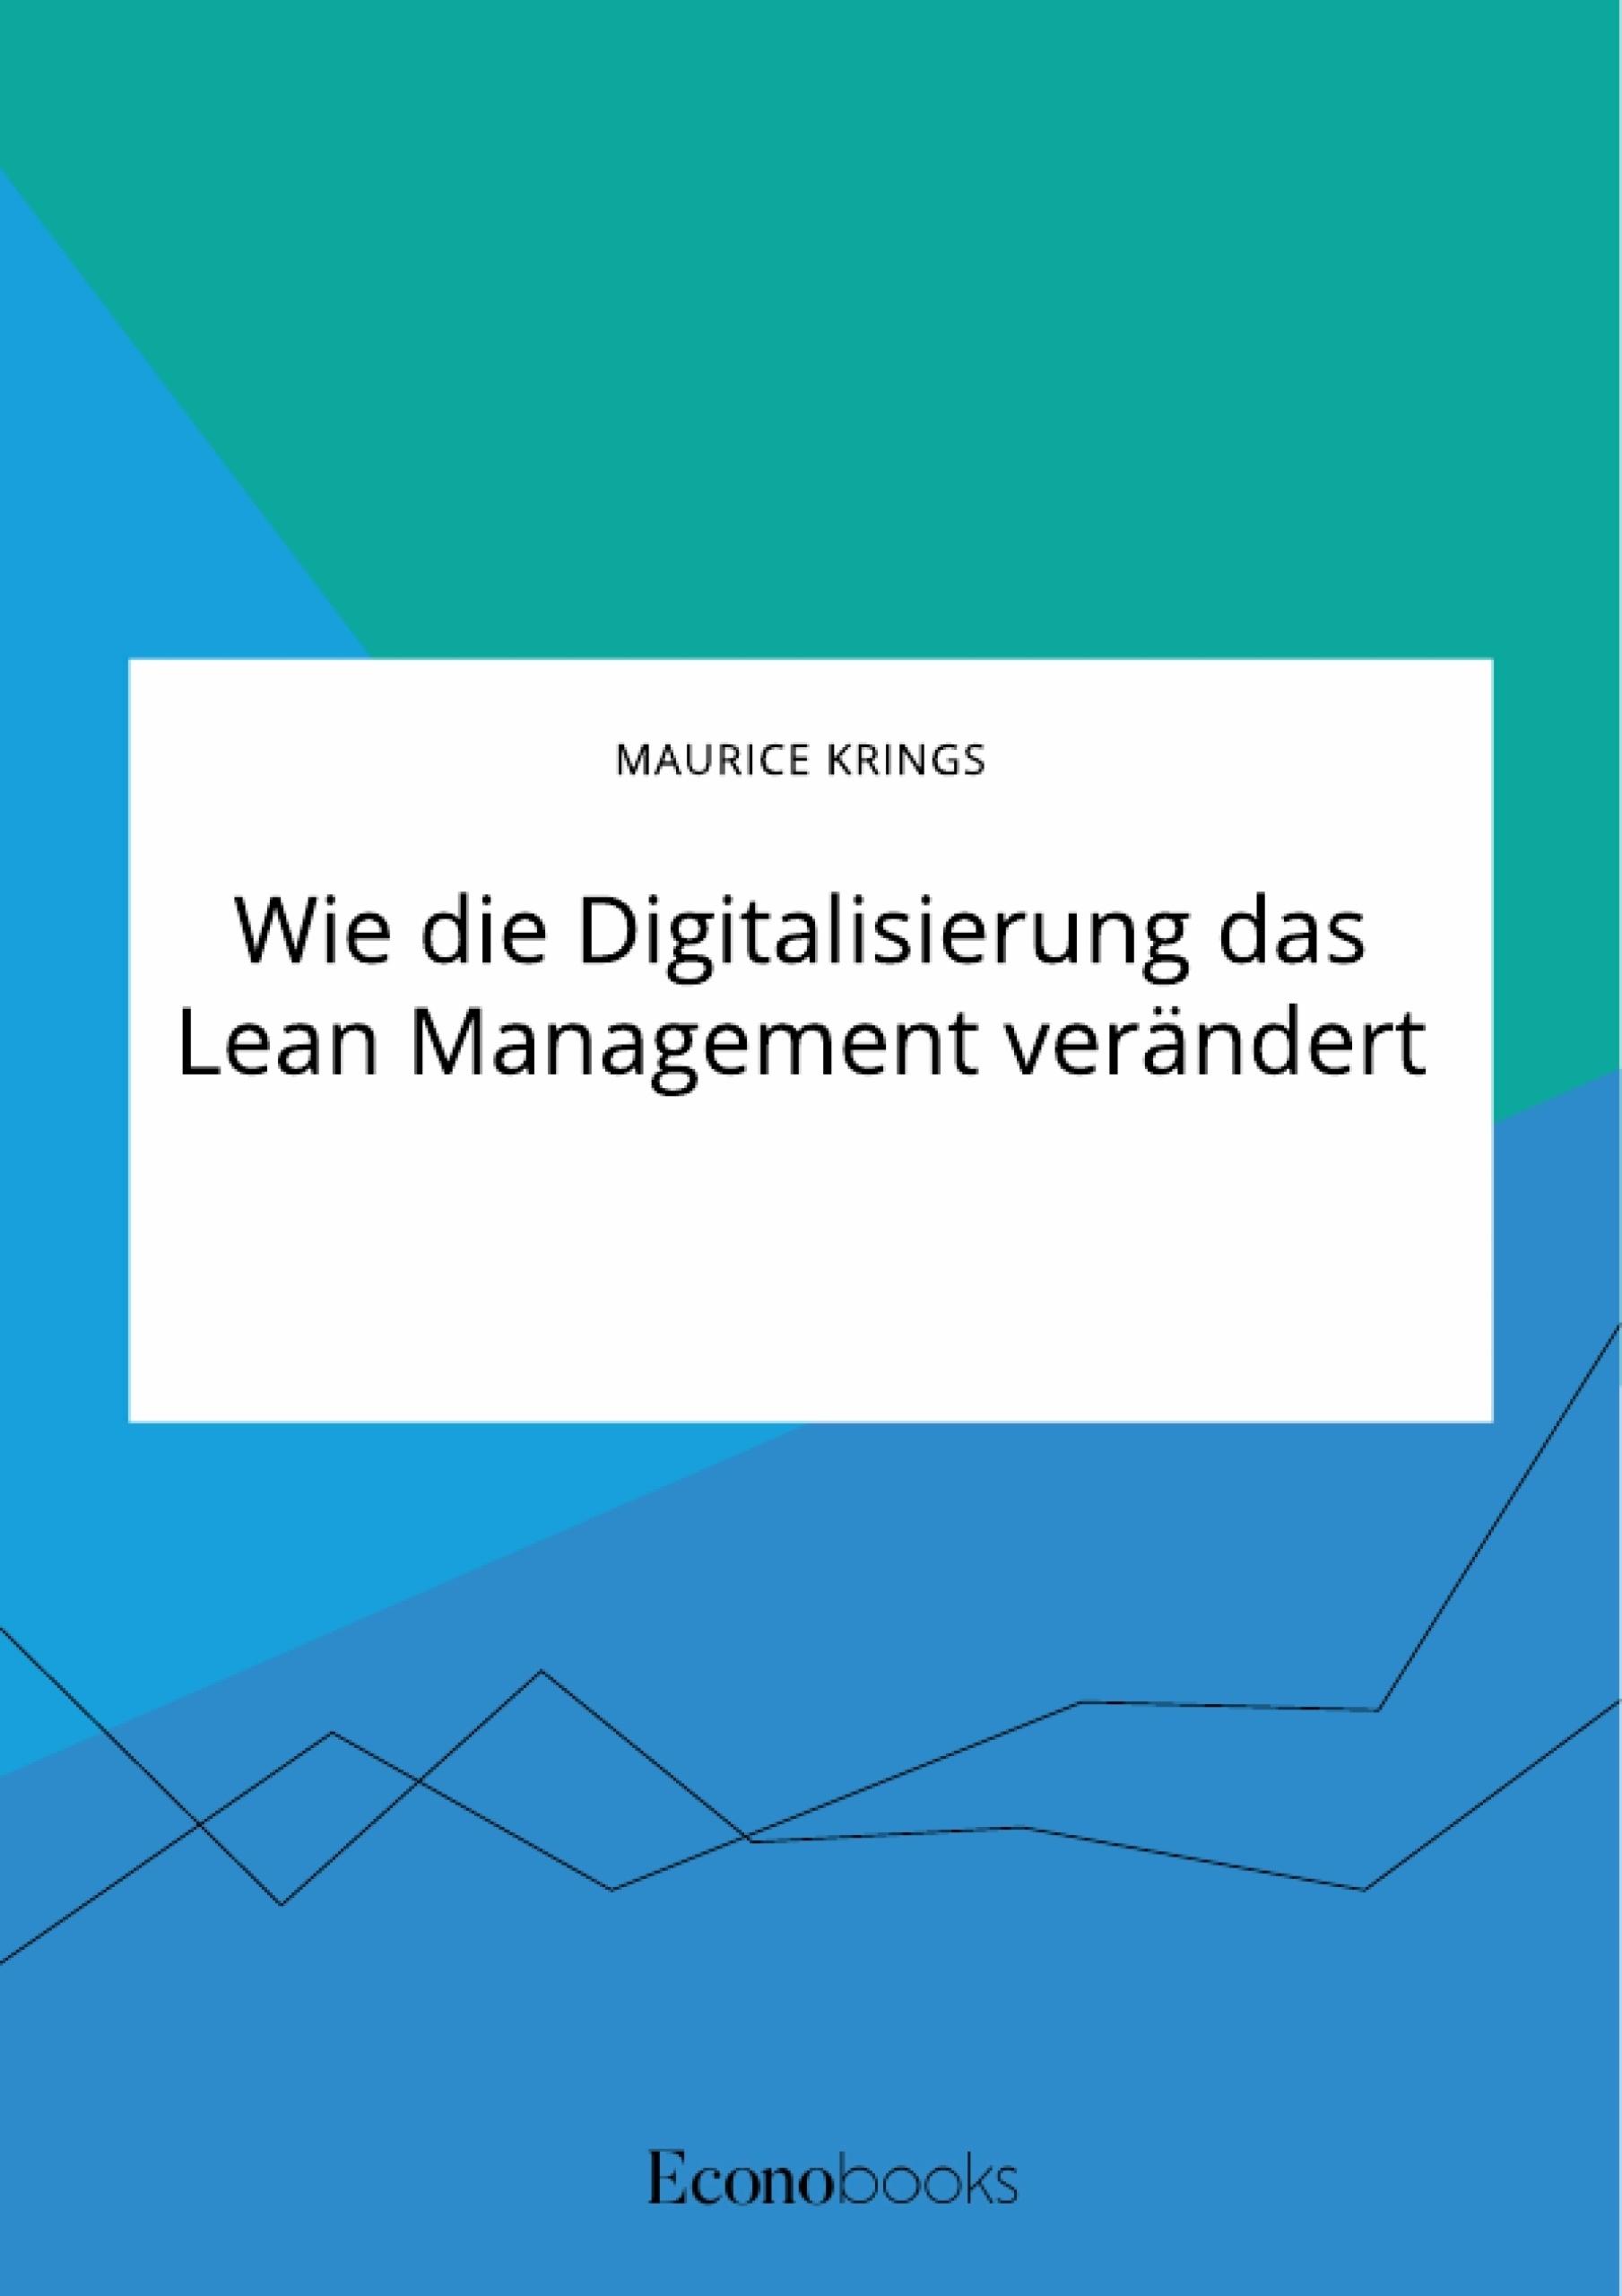 Titel: Wie die Digitalisierung das Lean Management verändert